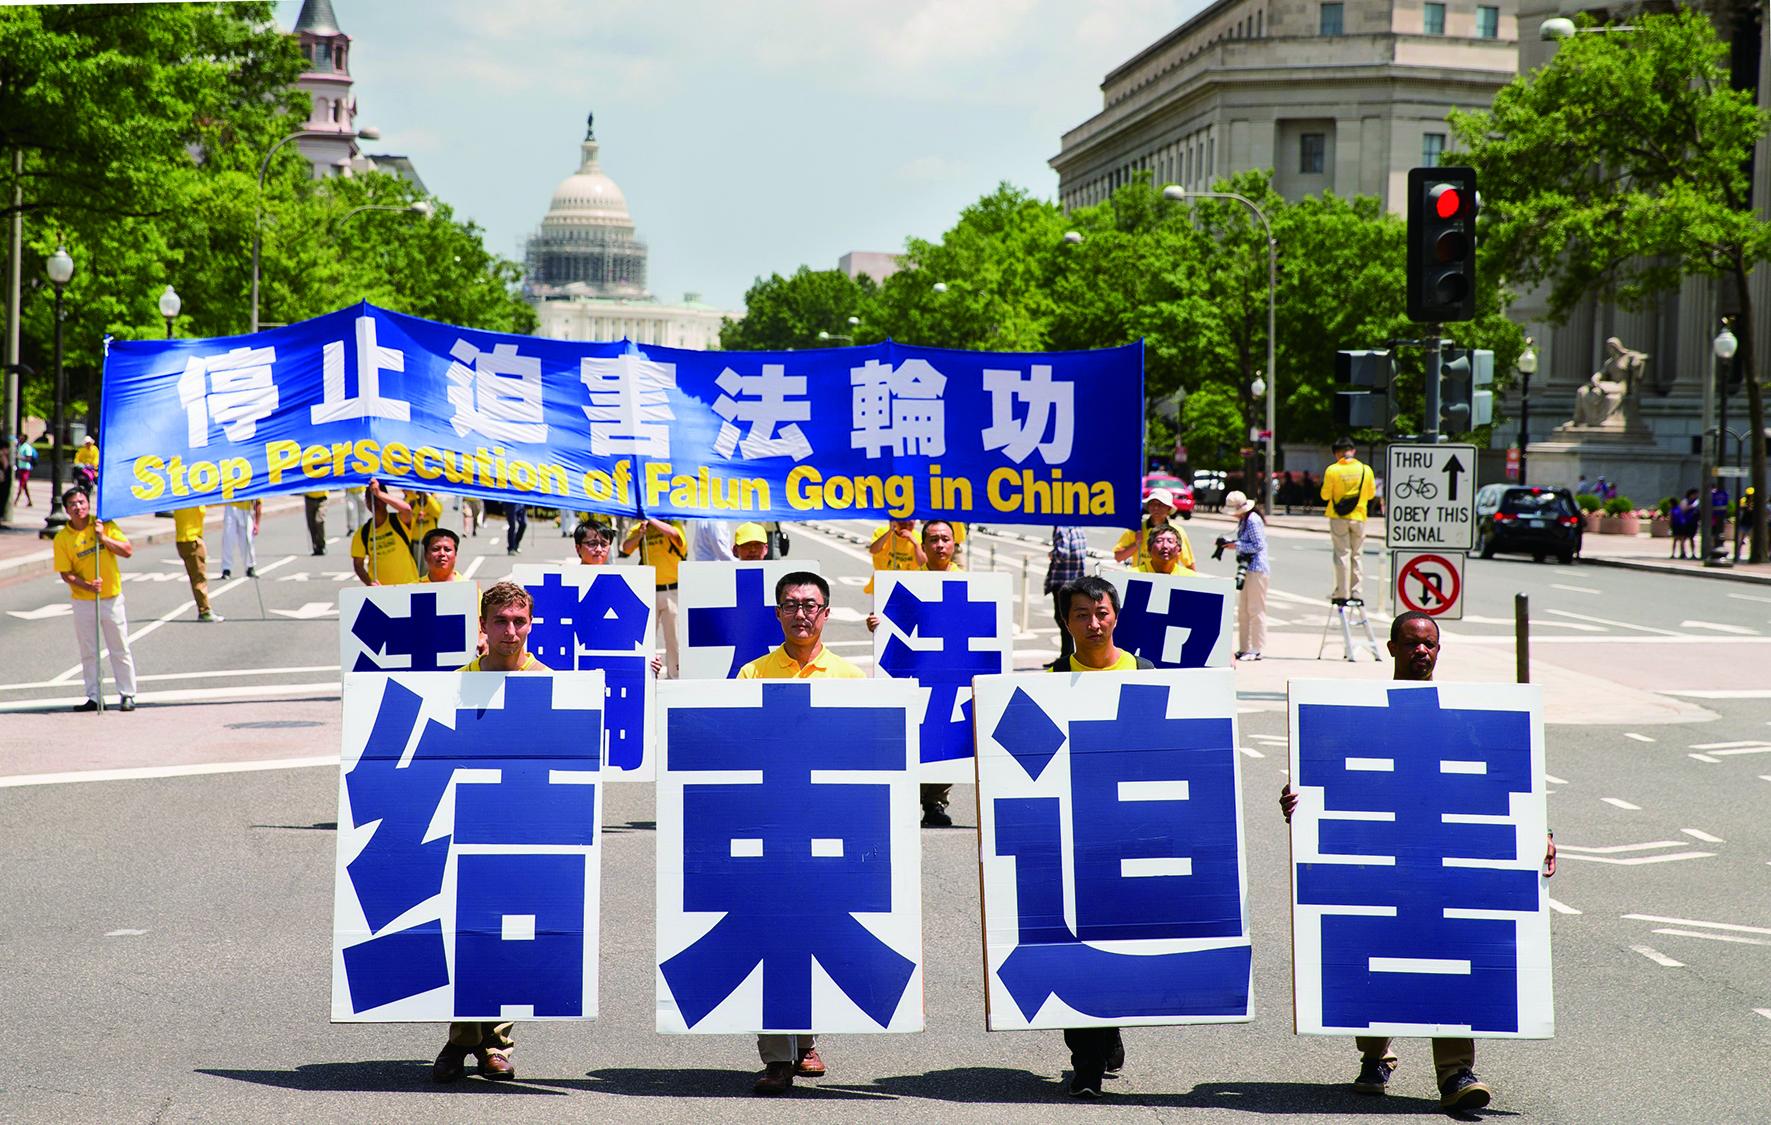 中共打壓法輪功18年至今仍然持續。圖為海外法輪功學員舉行反迫害活動,呼籲共同制止迫害。(大紀元資料圖片)